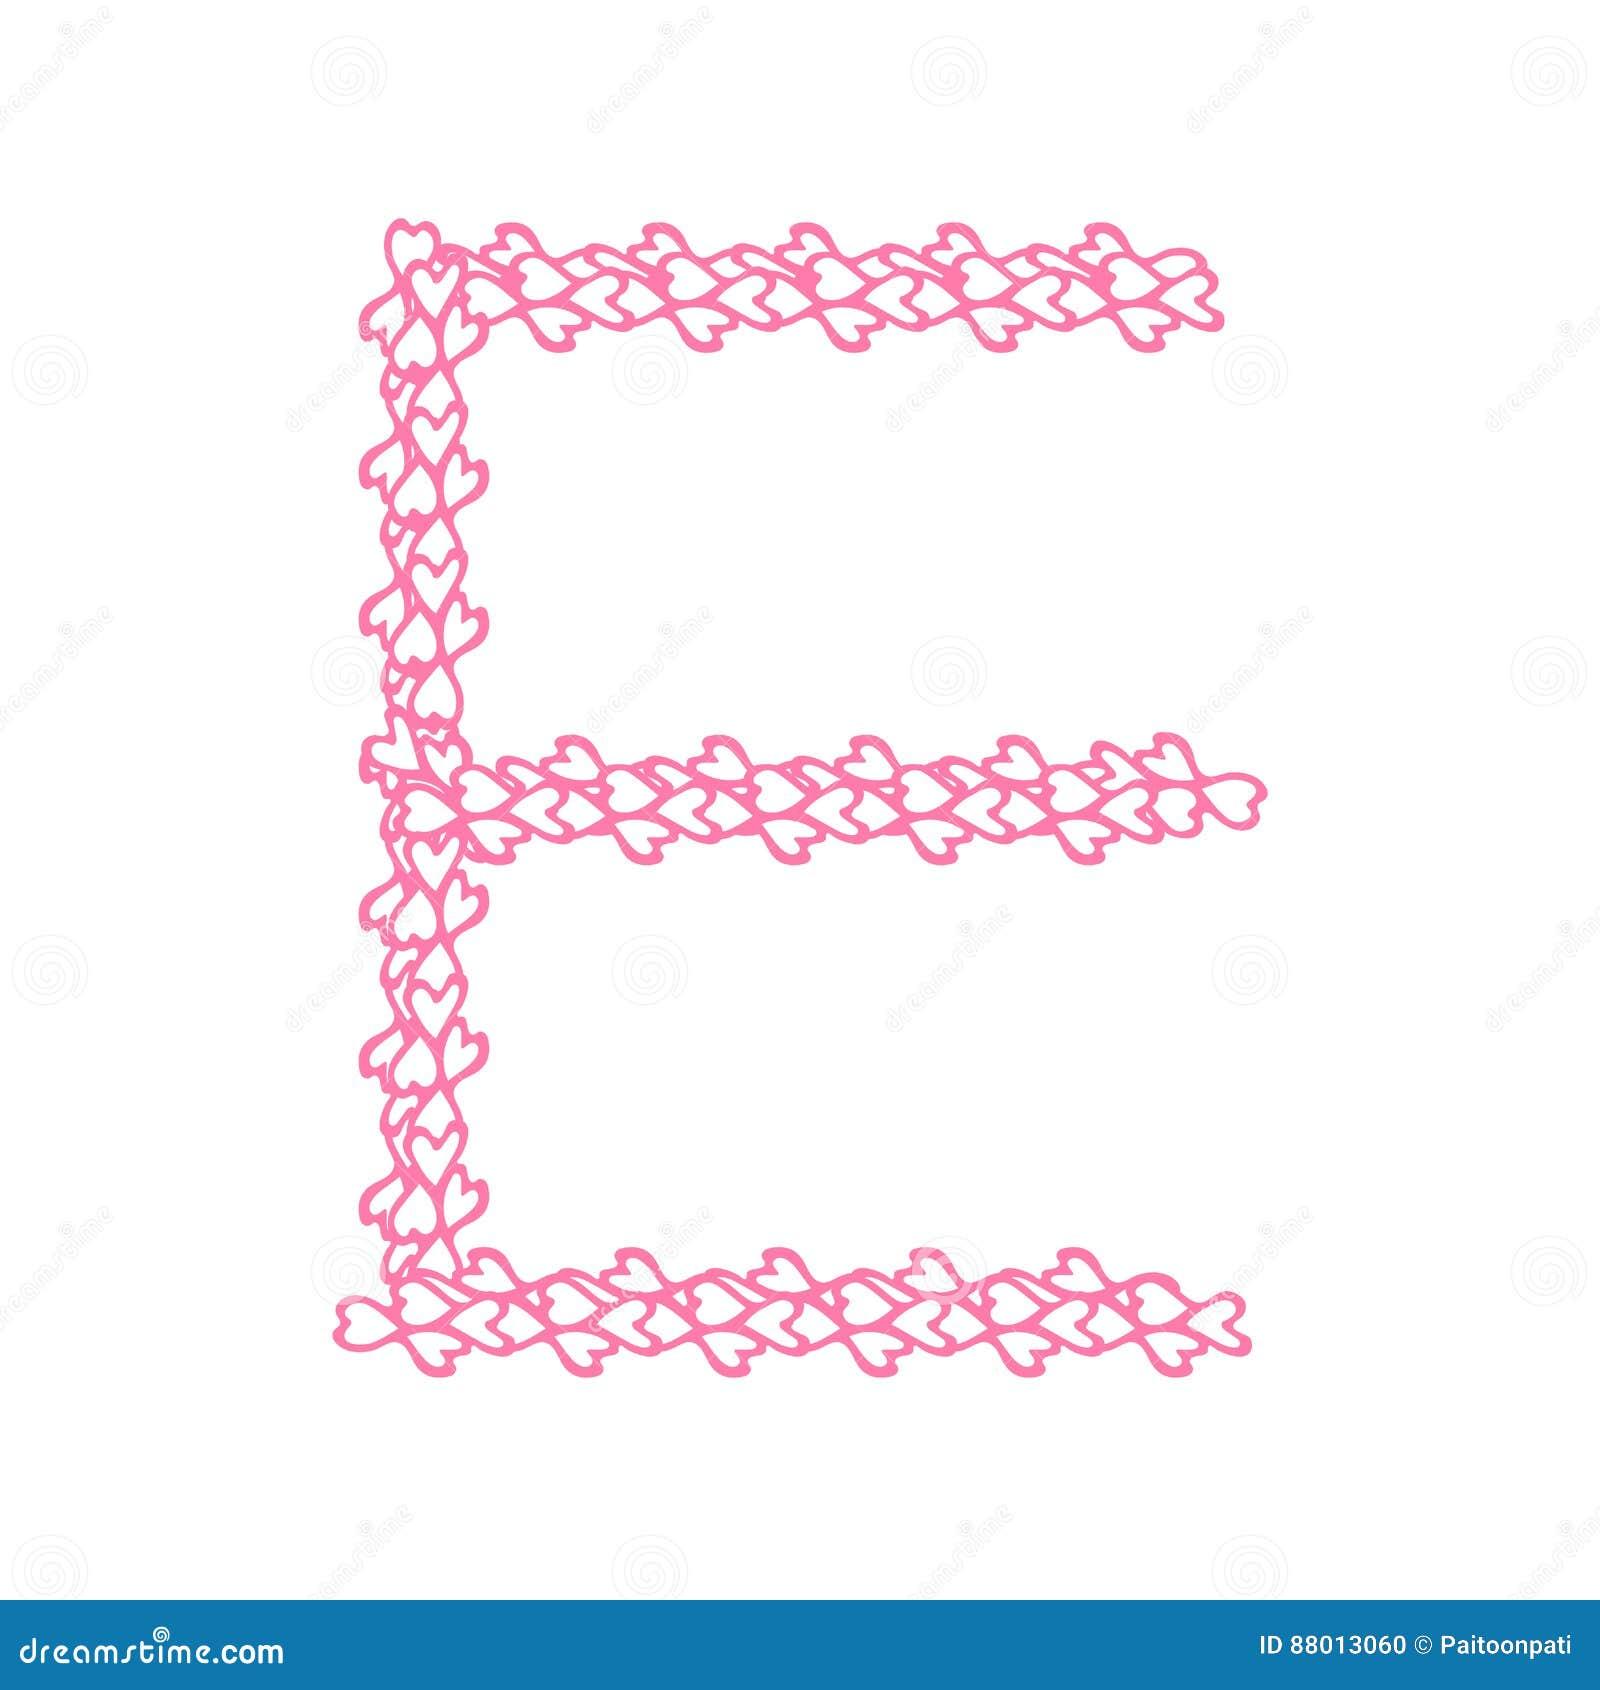 The Letter E, In The Alphabet Heart Flower Petals Illustration Stock ...